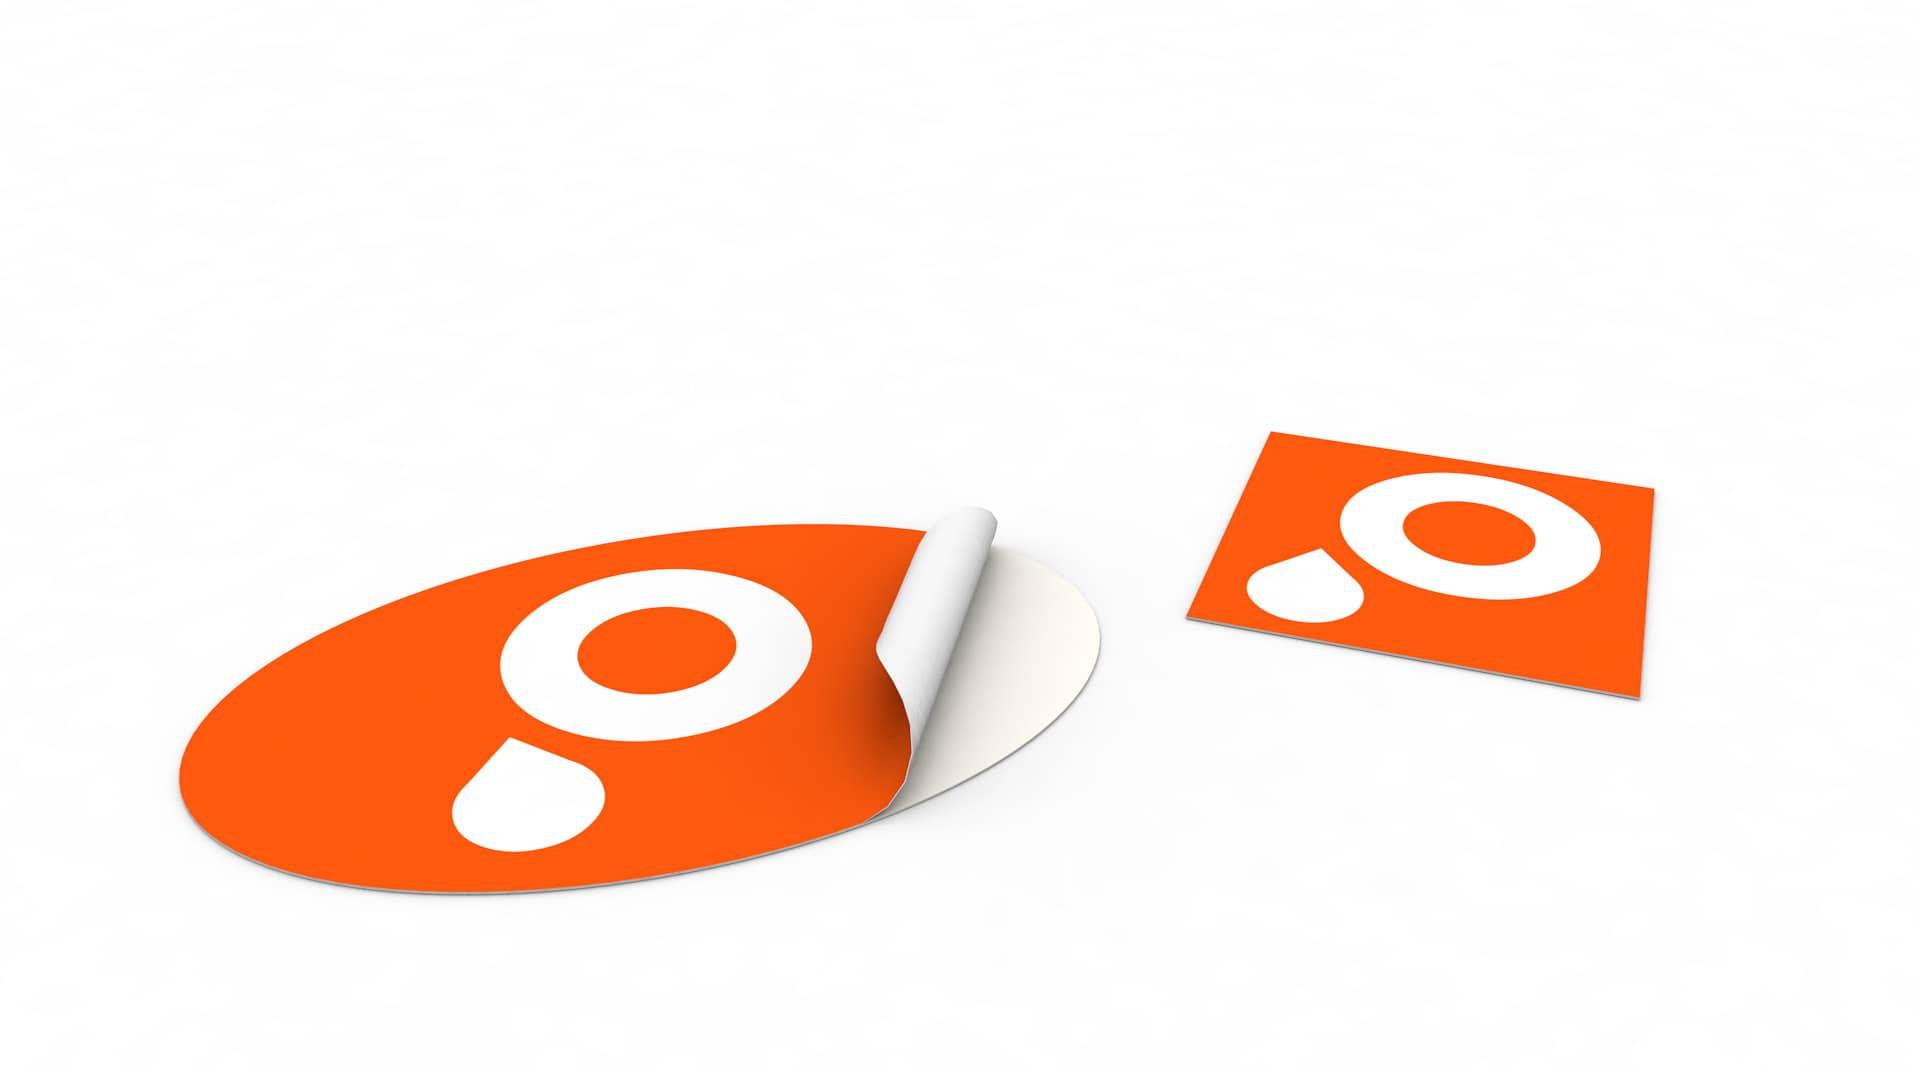 adesivi regalo piccoli 500 pezzi Adesivi di ringraziamento rotondi da 1 pollice Adesivi per confezioni regalo autoadesivi per articoli fatti a mano XGzhsa Adesivi di ringraziamento